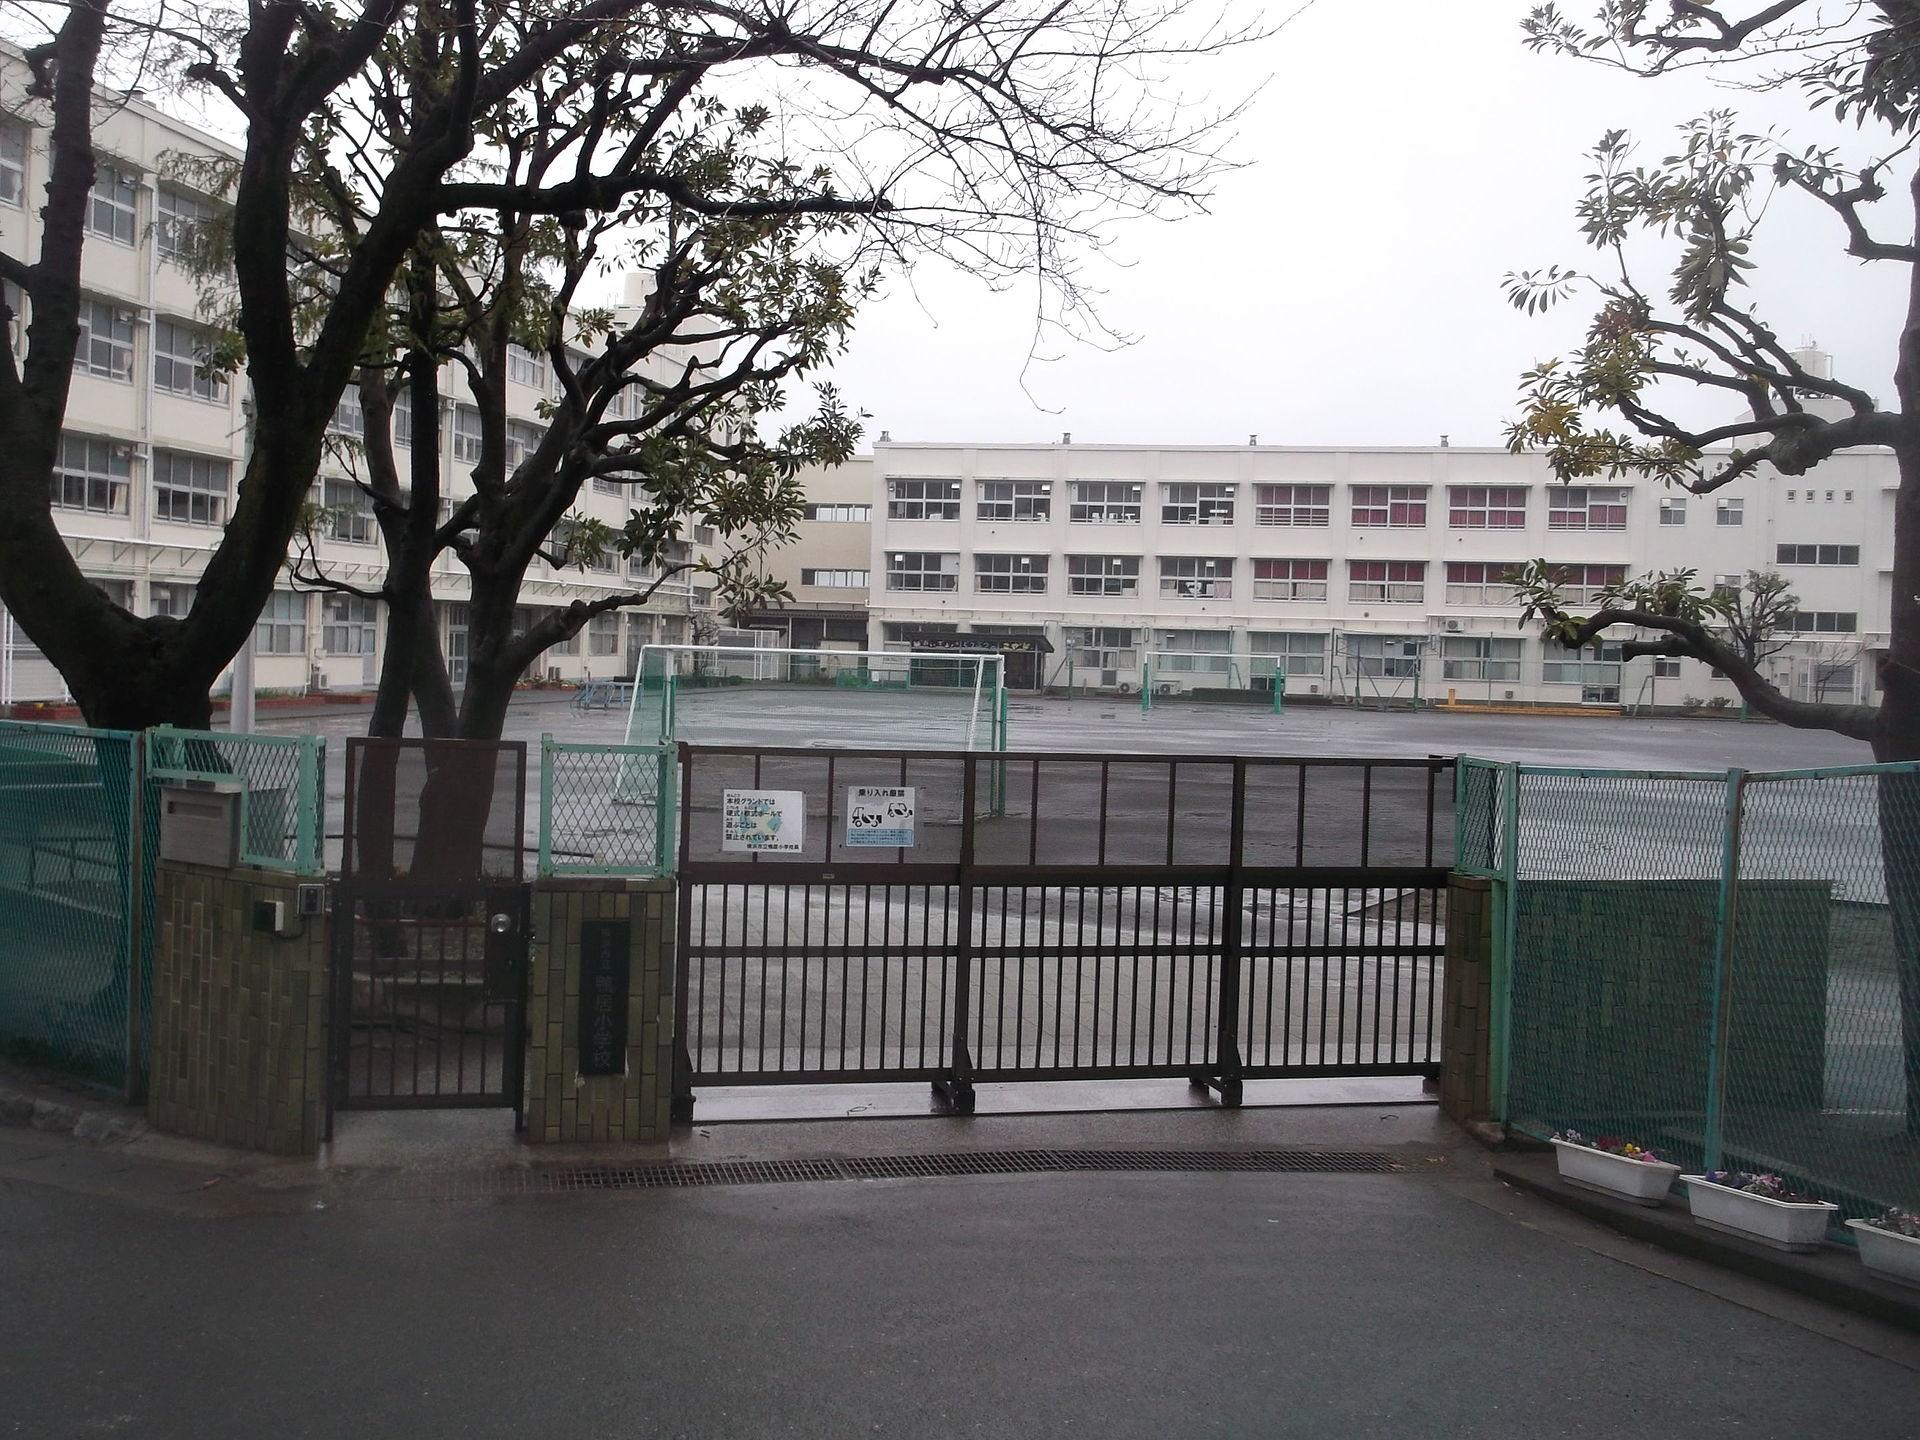 横浜市立鴨居小学校 - Wikipedia